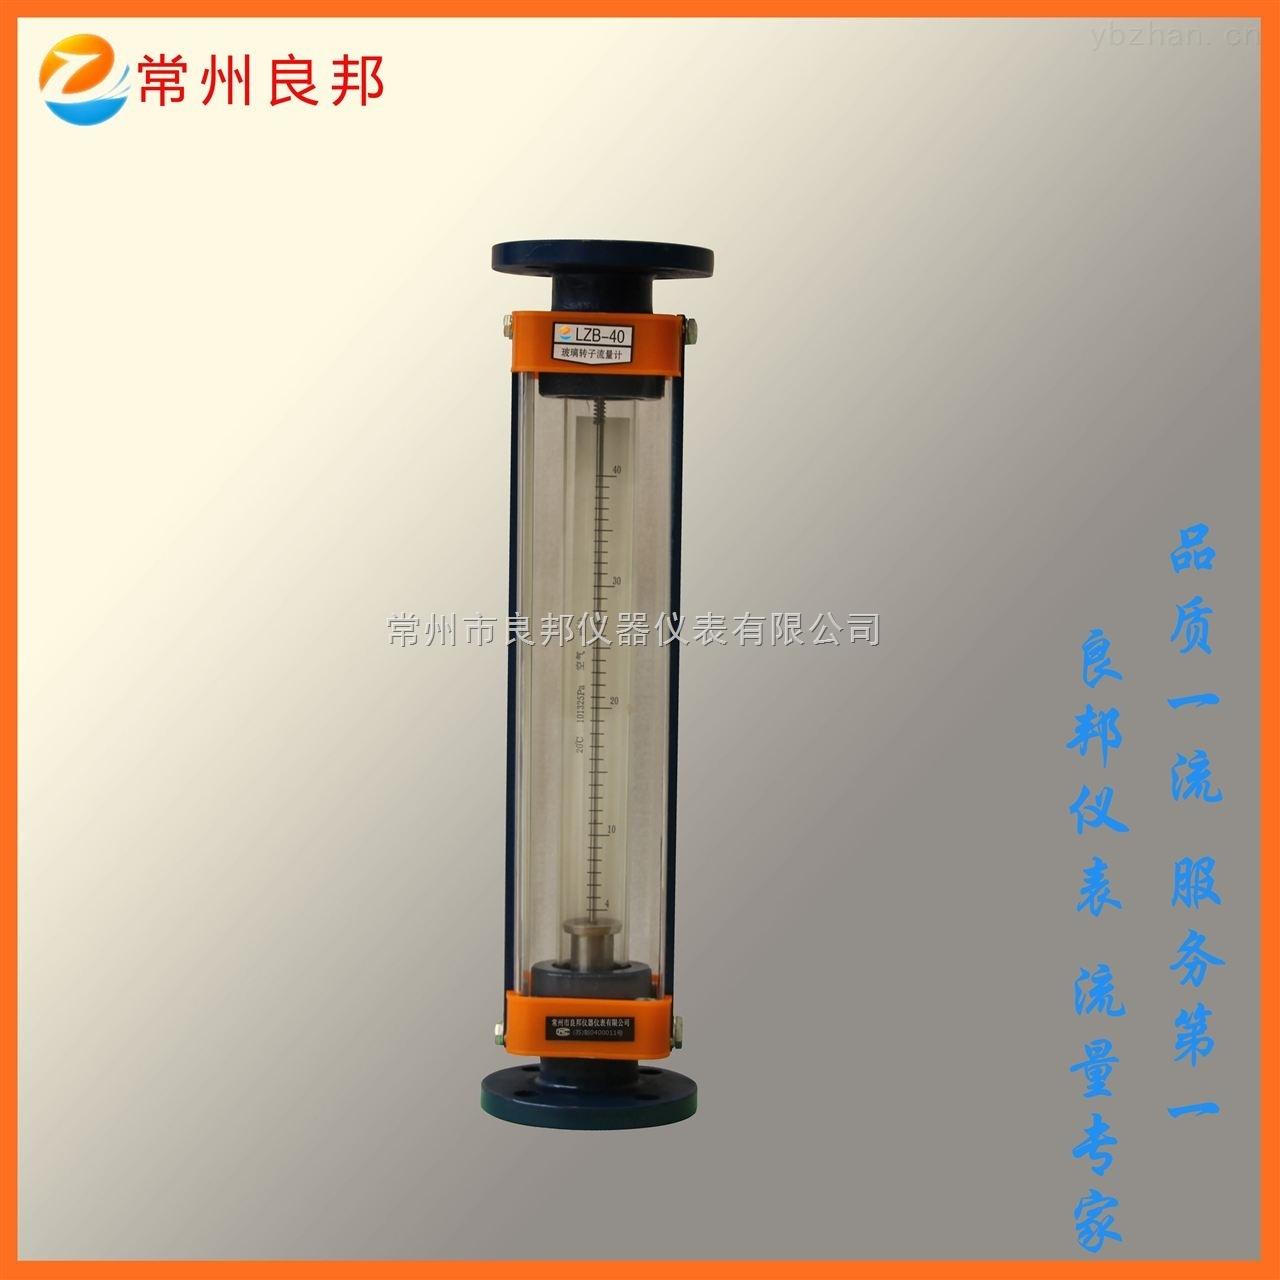 LZB-40F-LZB-40F气体玻璃转子流量计 CL2流量四氟防腐使用广泛 良邦秒速赛车非标能力强